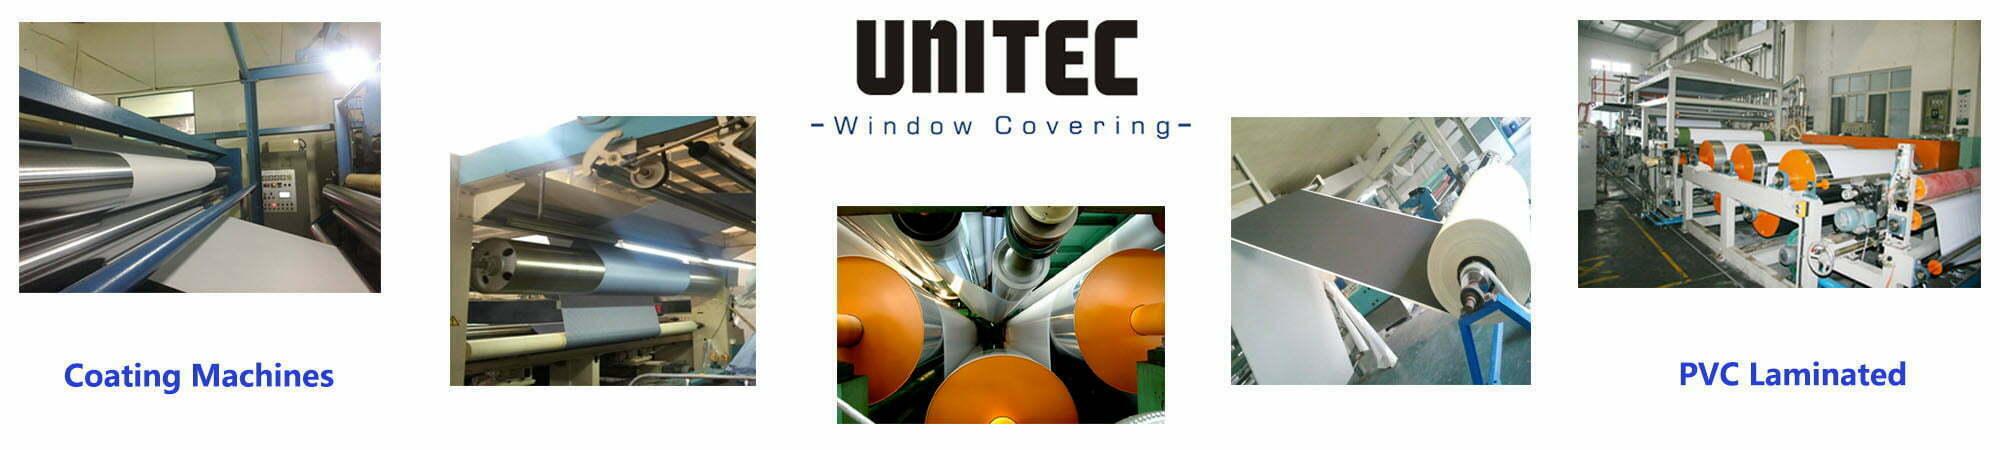 Fabricación, investigación y desarrollo y diseño de telas para ventanas desde 2002.